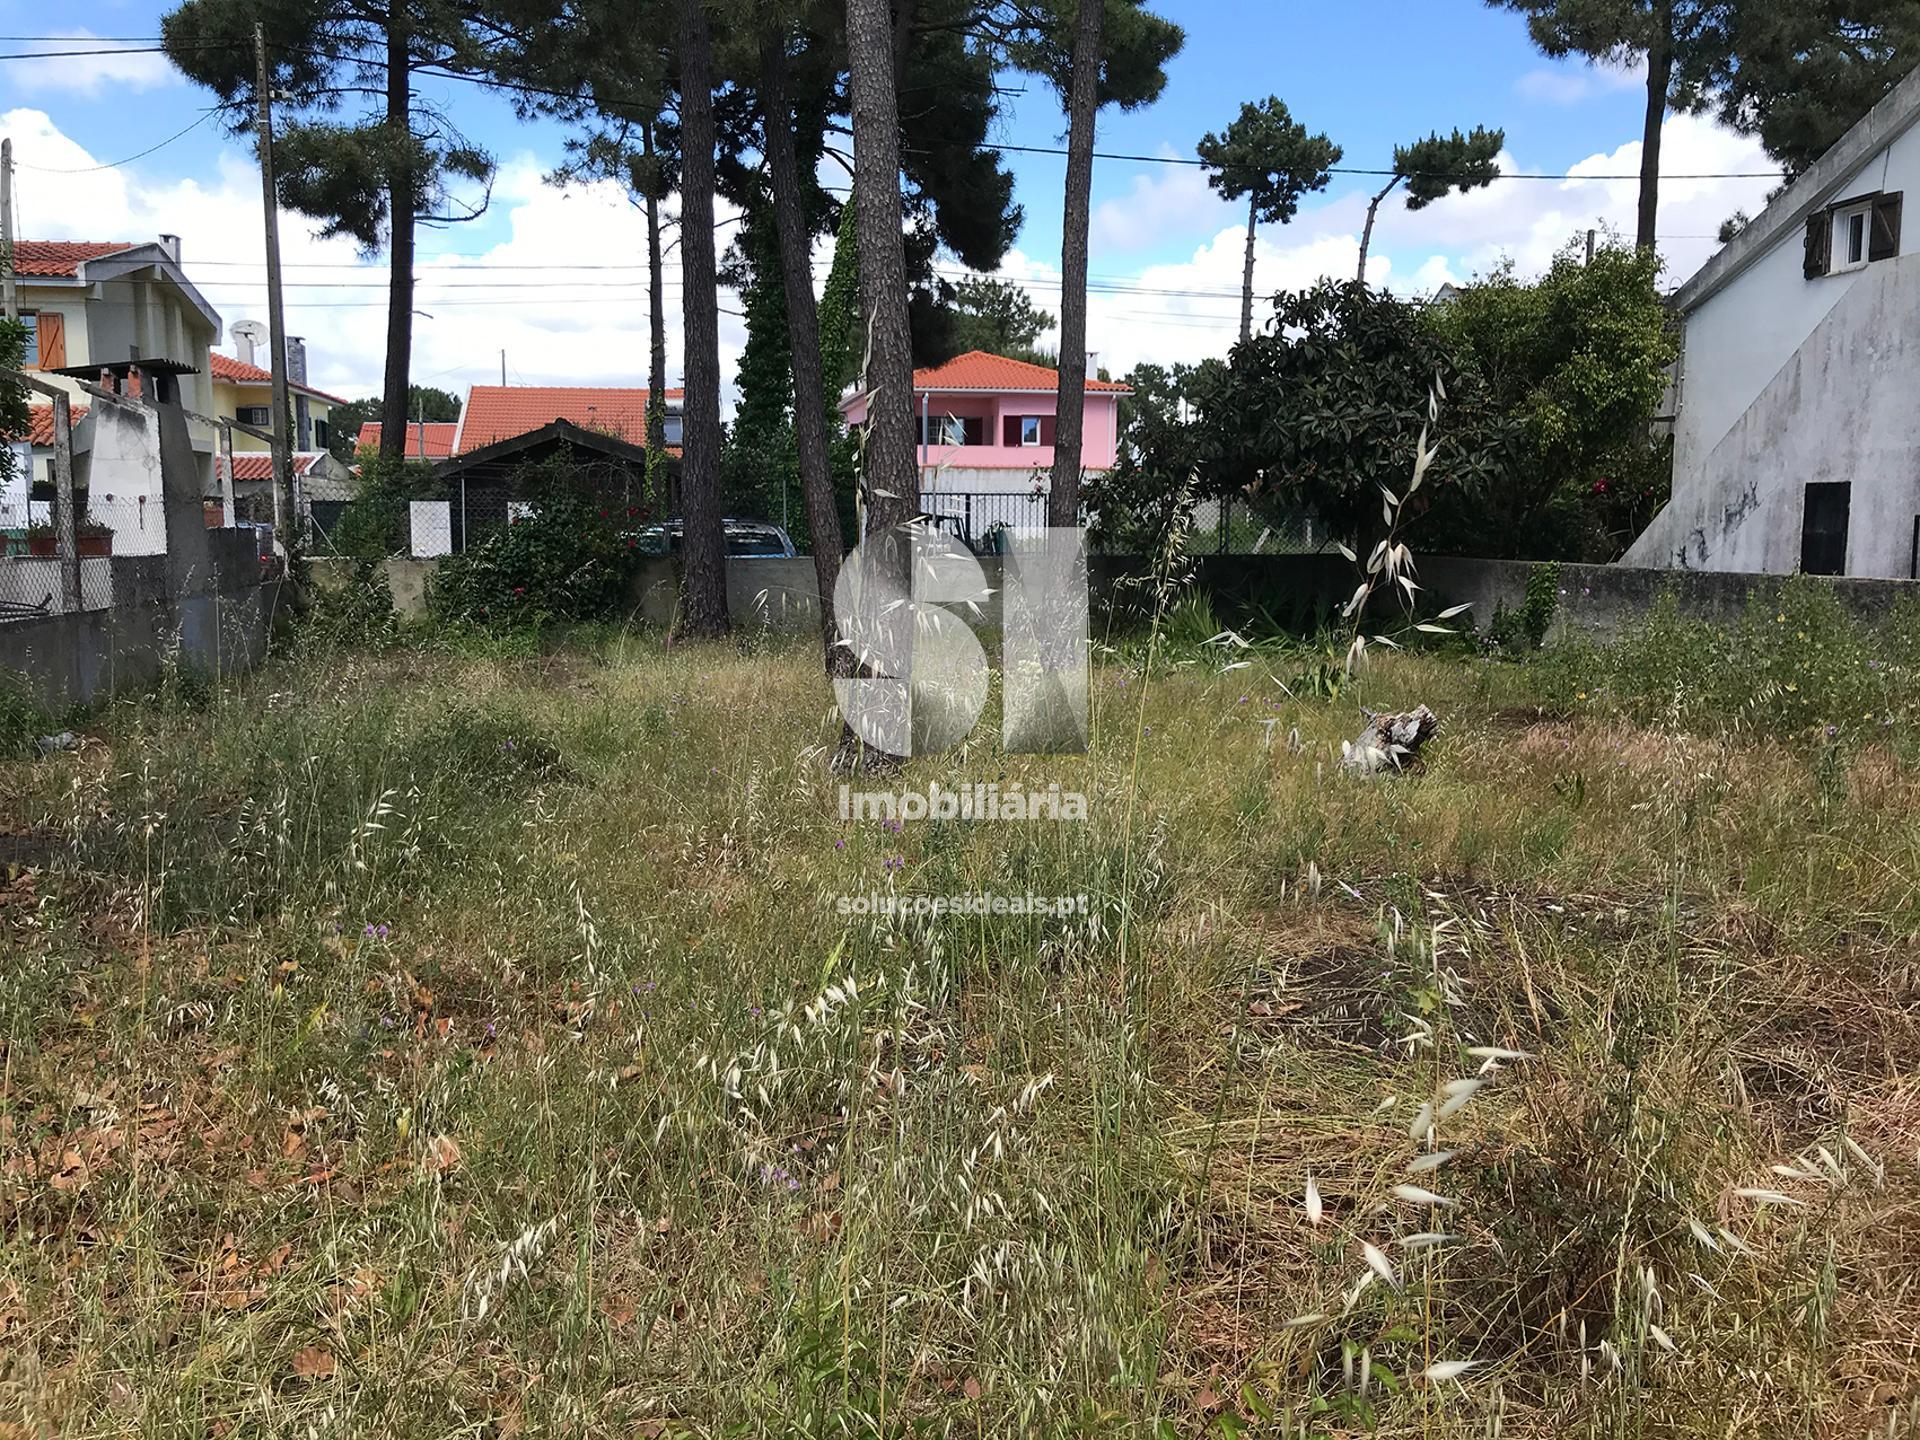 terreno para compra em almada uniao das freguesias de charneca de caparica e sobreda ALMLOLI742